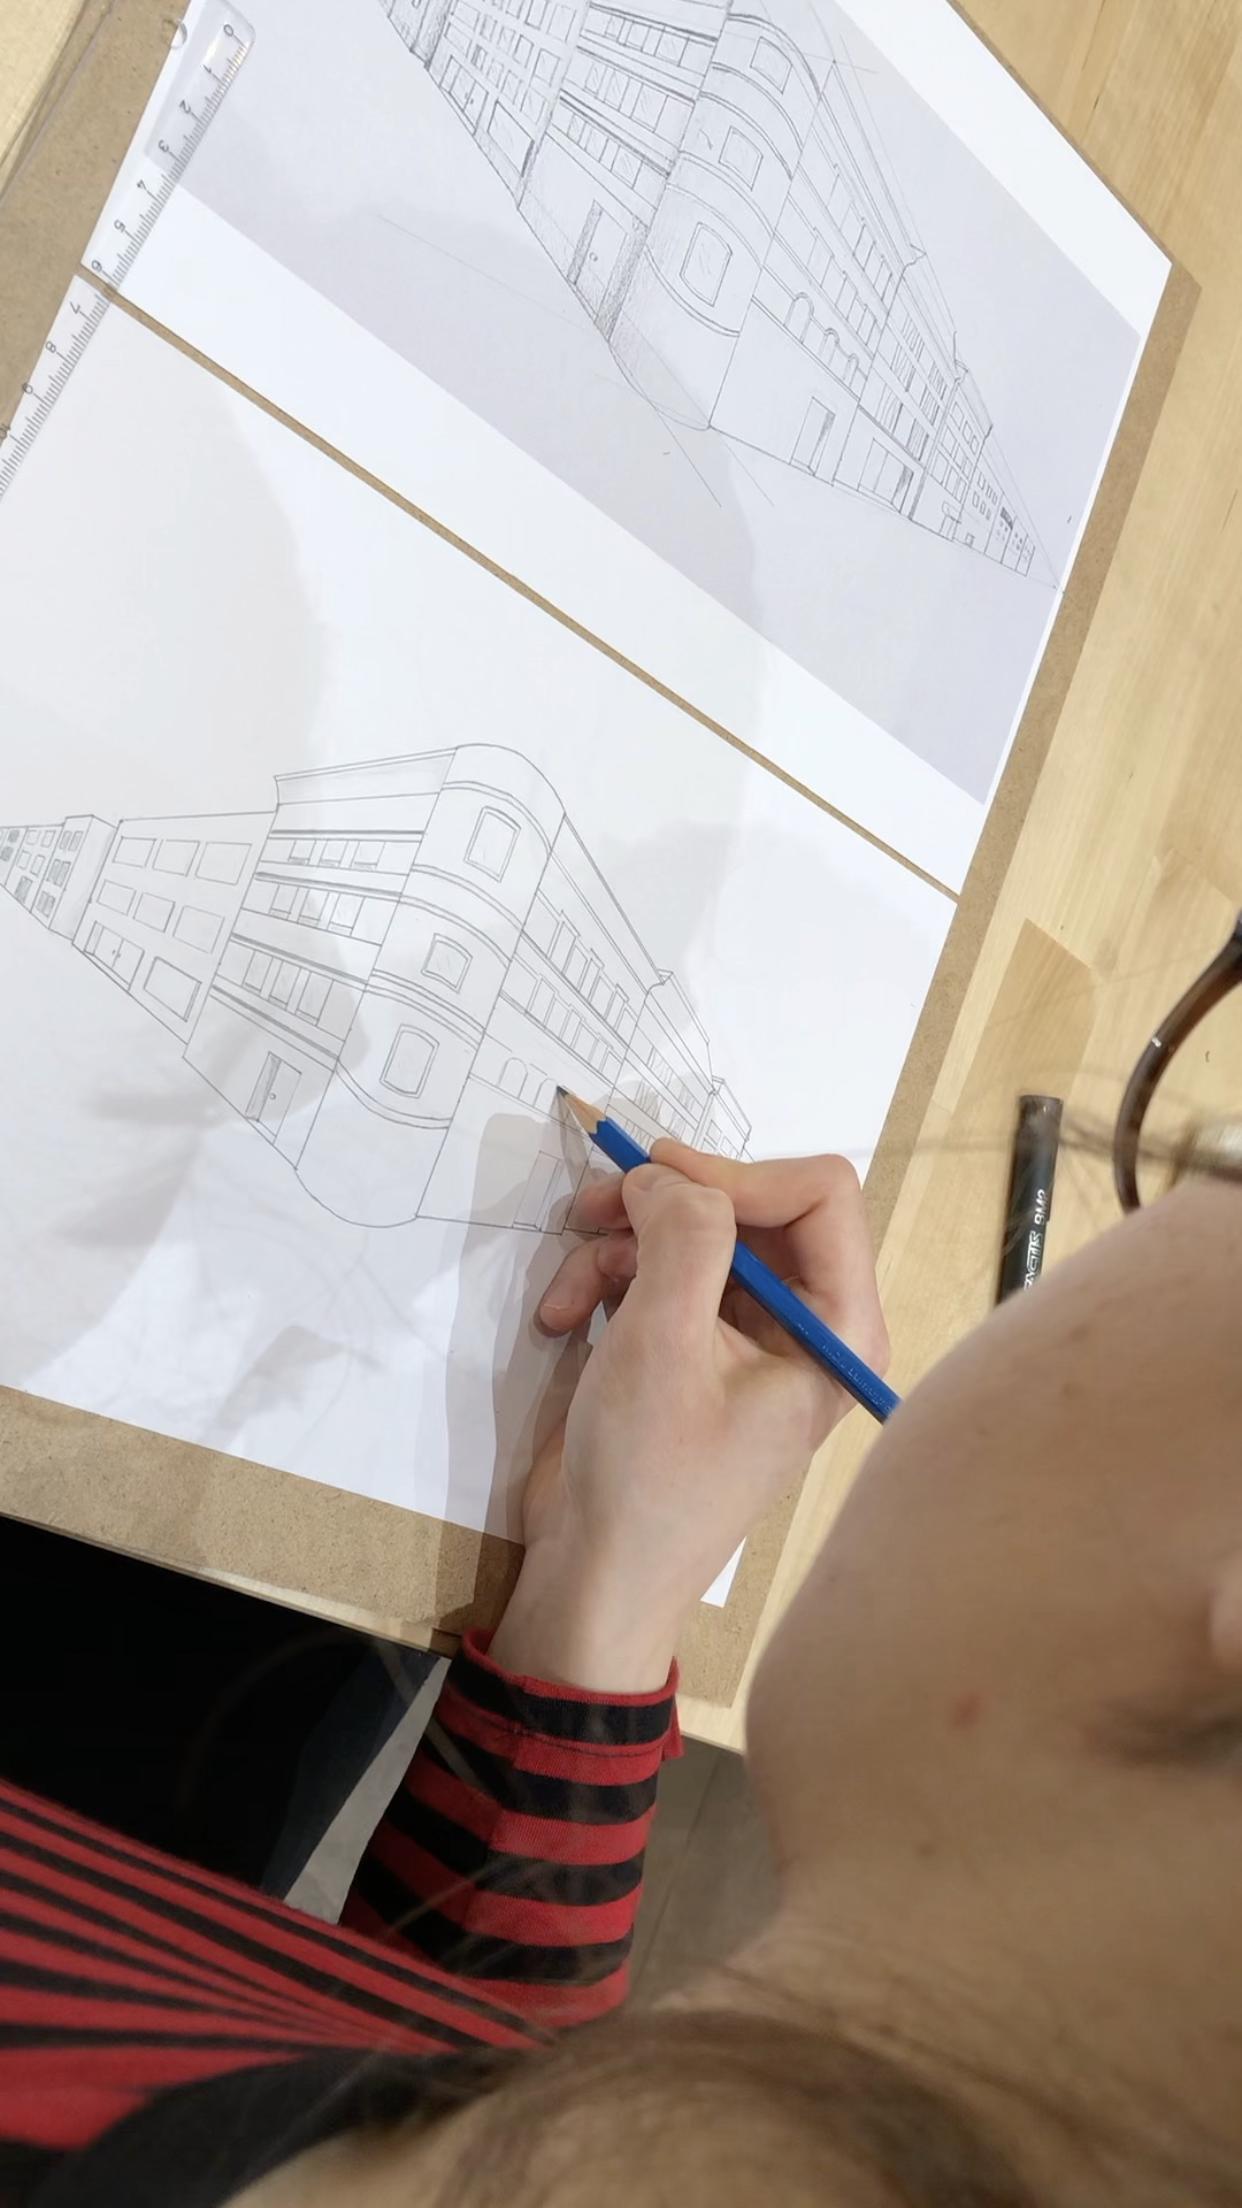 perspektivisches zeichnen Kurs, may fine art studio, wien